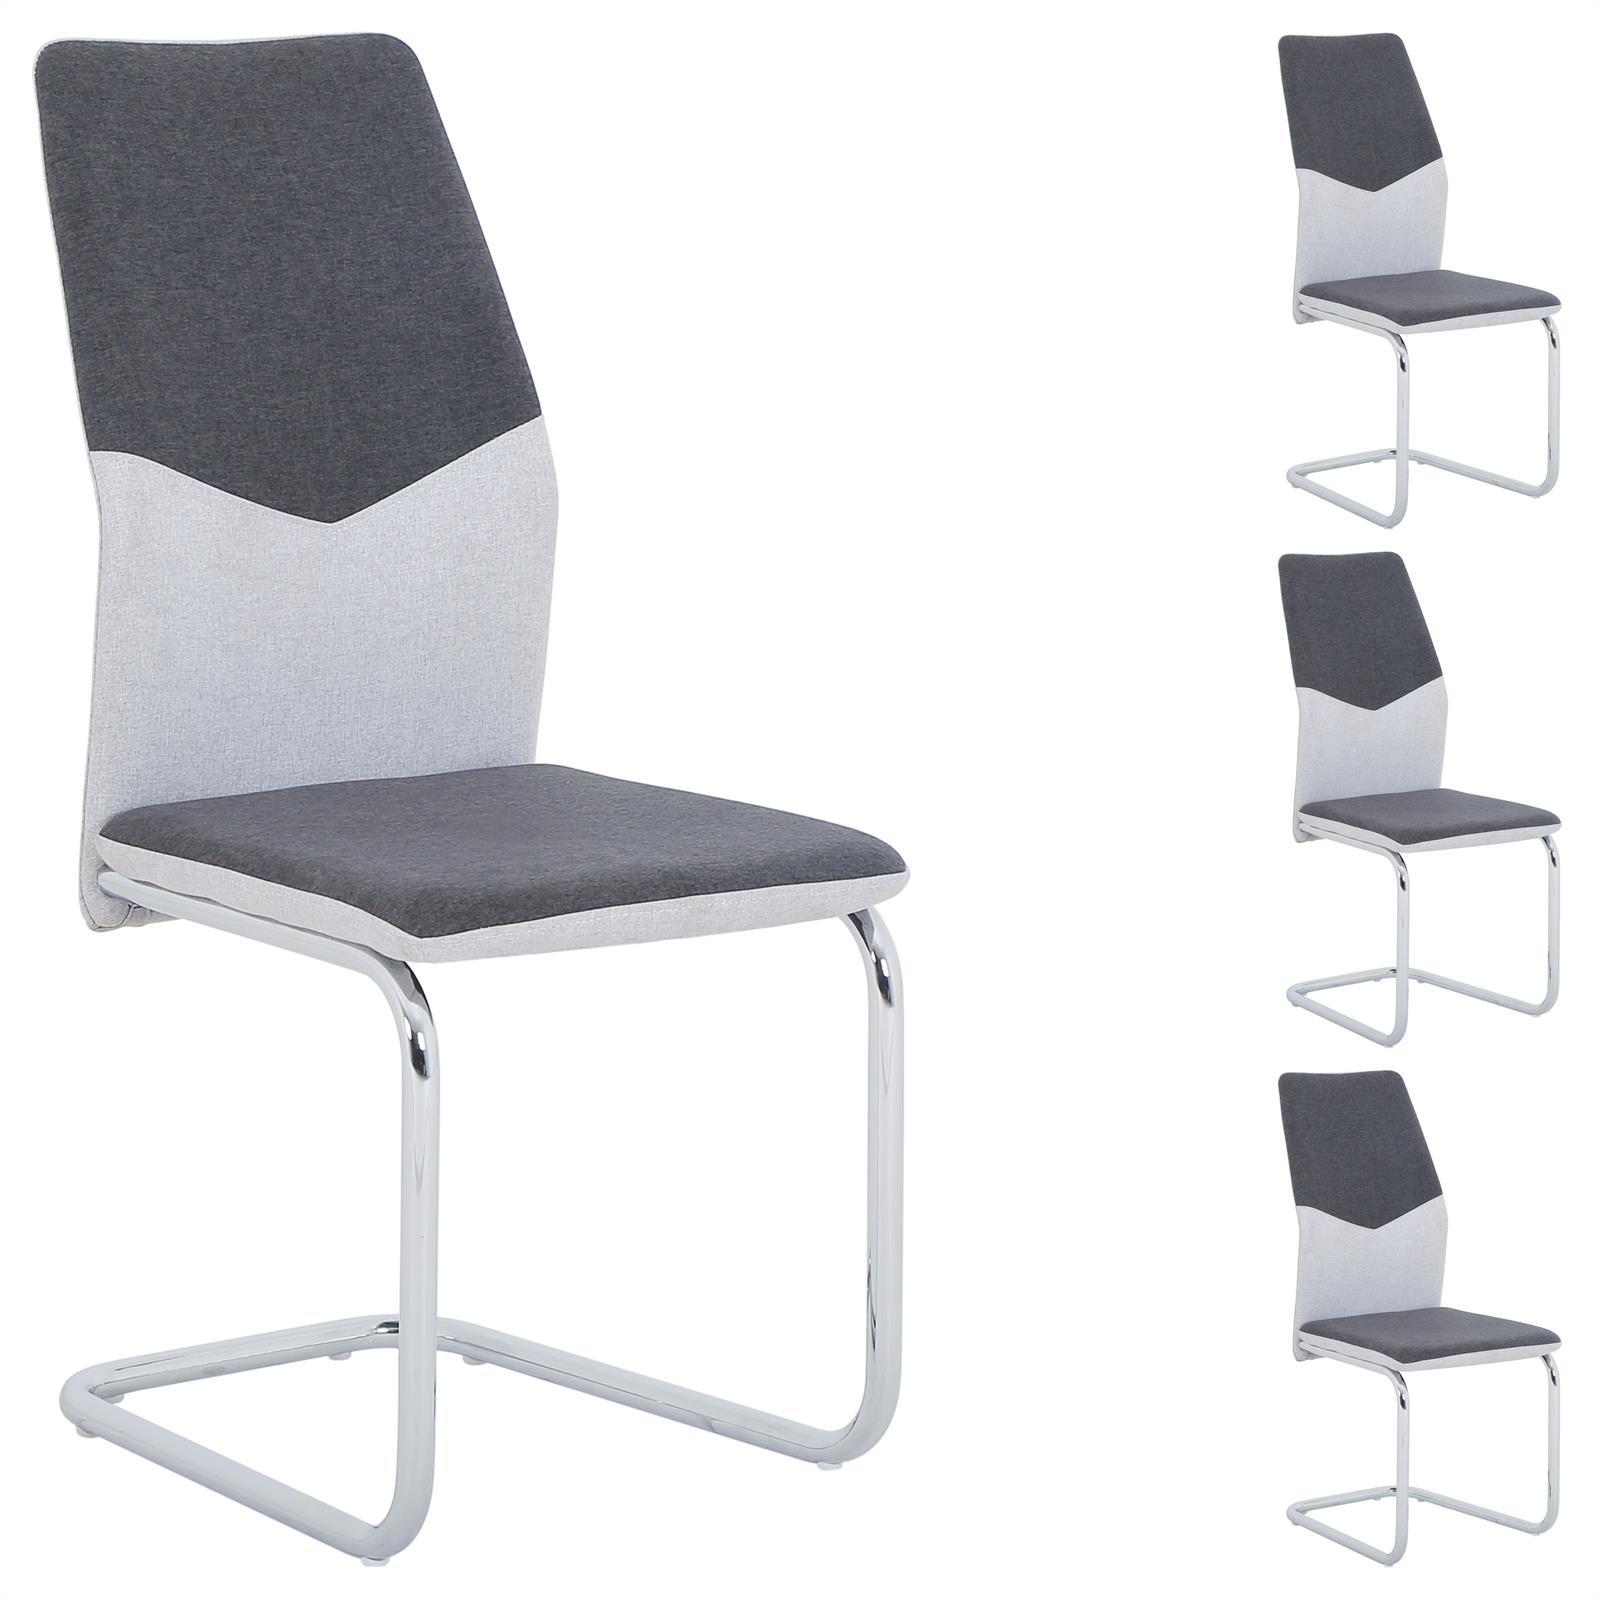 schwingstuhl leona im 4er set mit stoffbezug mobilia24. Black Bedroom Furniture Sets. Home Design Ideas